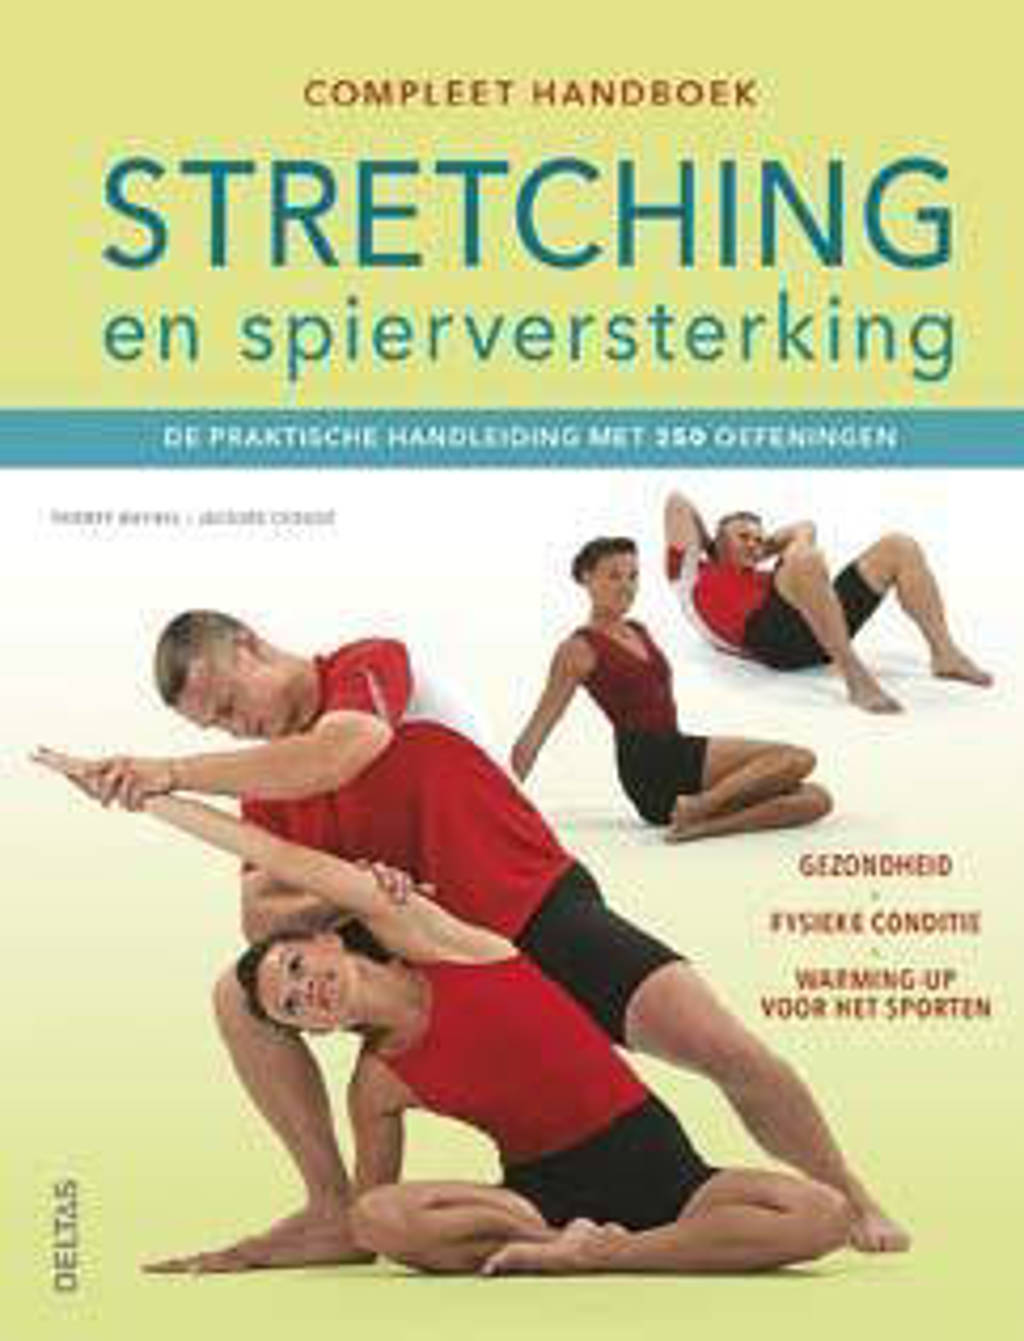 Compleet handboek stretching en spierversterking - Thierry Waymel en Jacques Choque